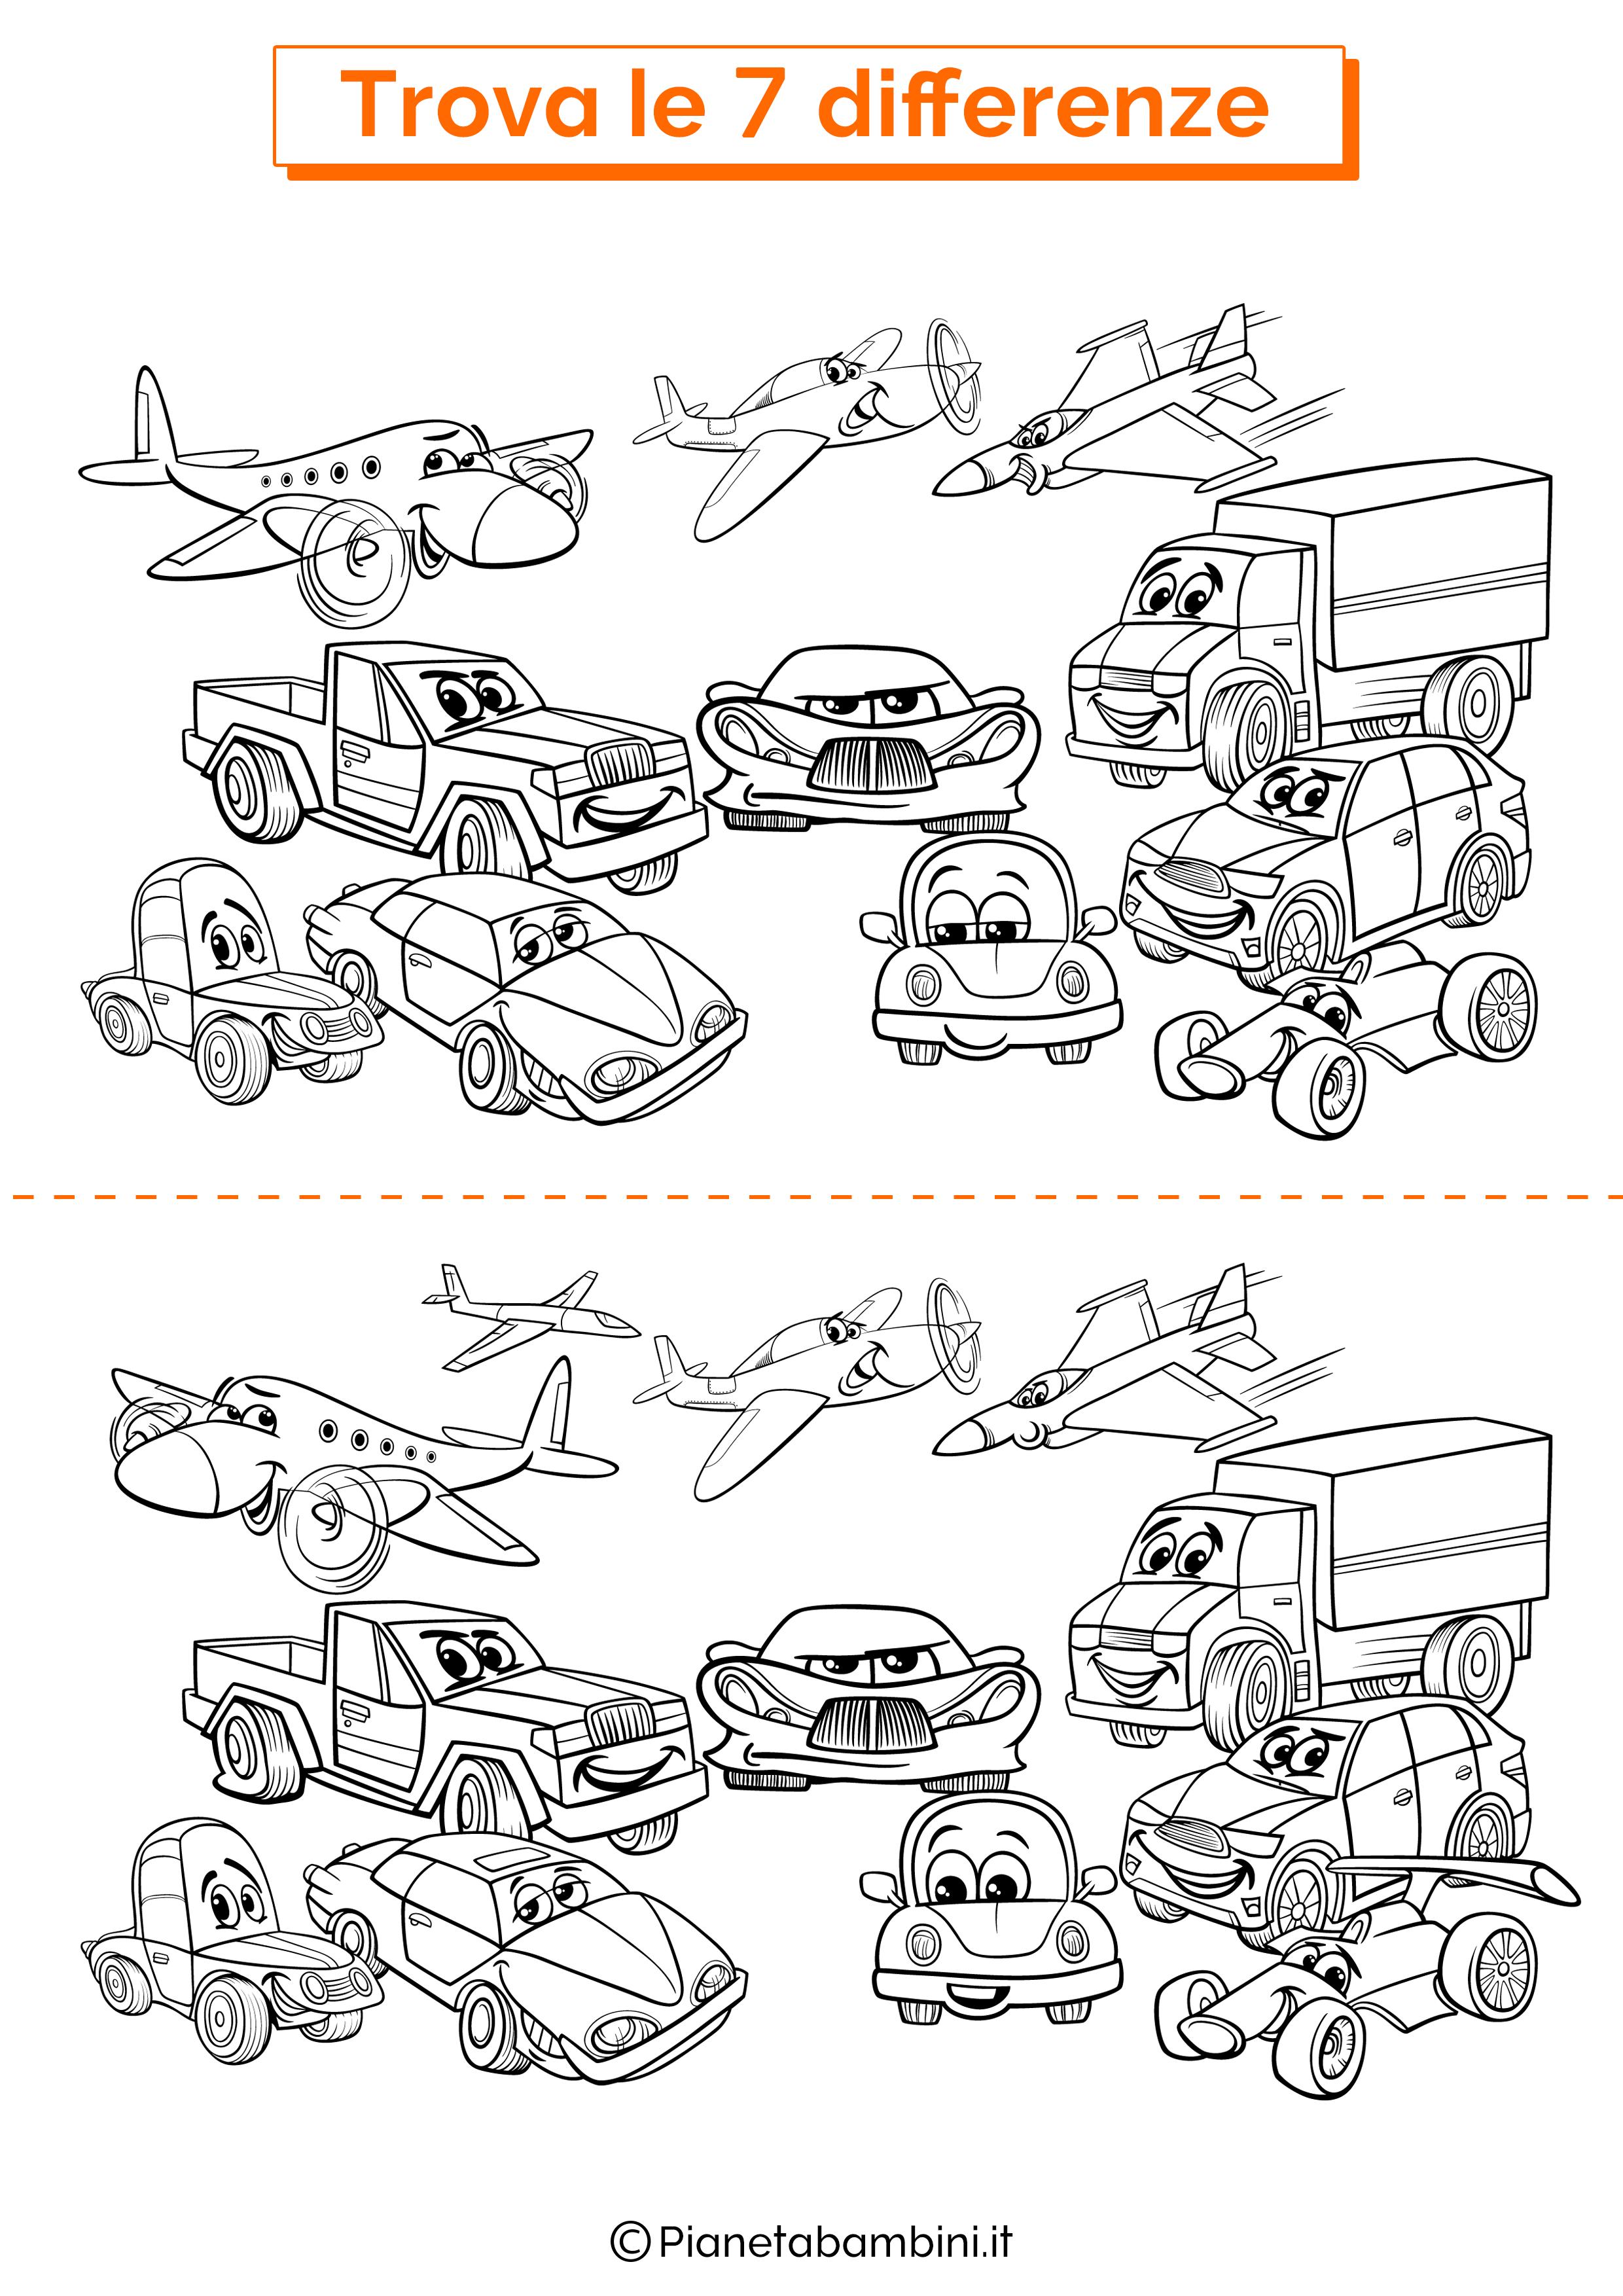 Disegno trova 7 differenze veicoli